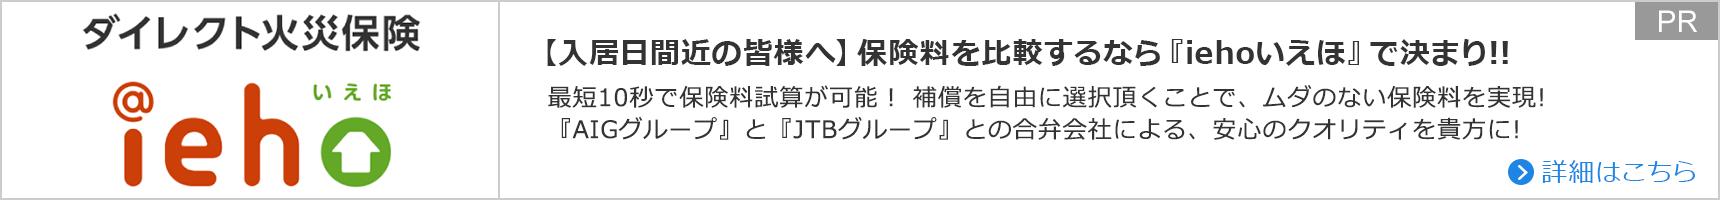 【入居日間近の皆様へ】保険料を比較するなら『iehoいえほ』で決まり!!